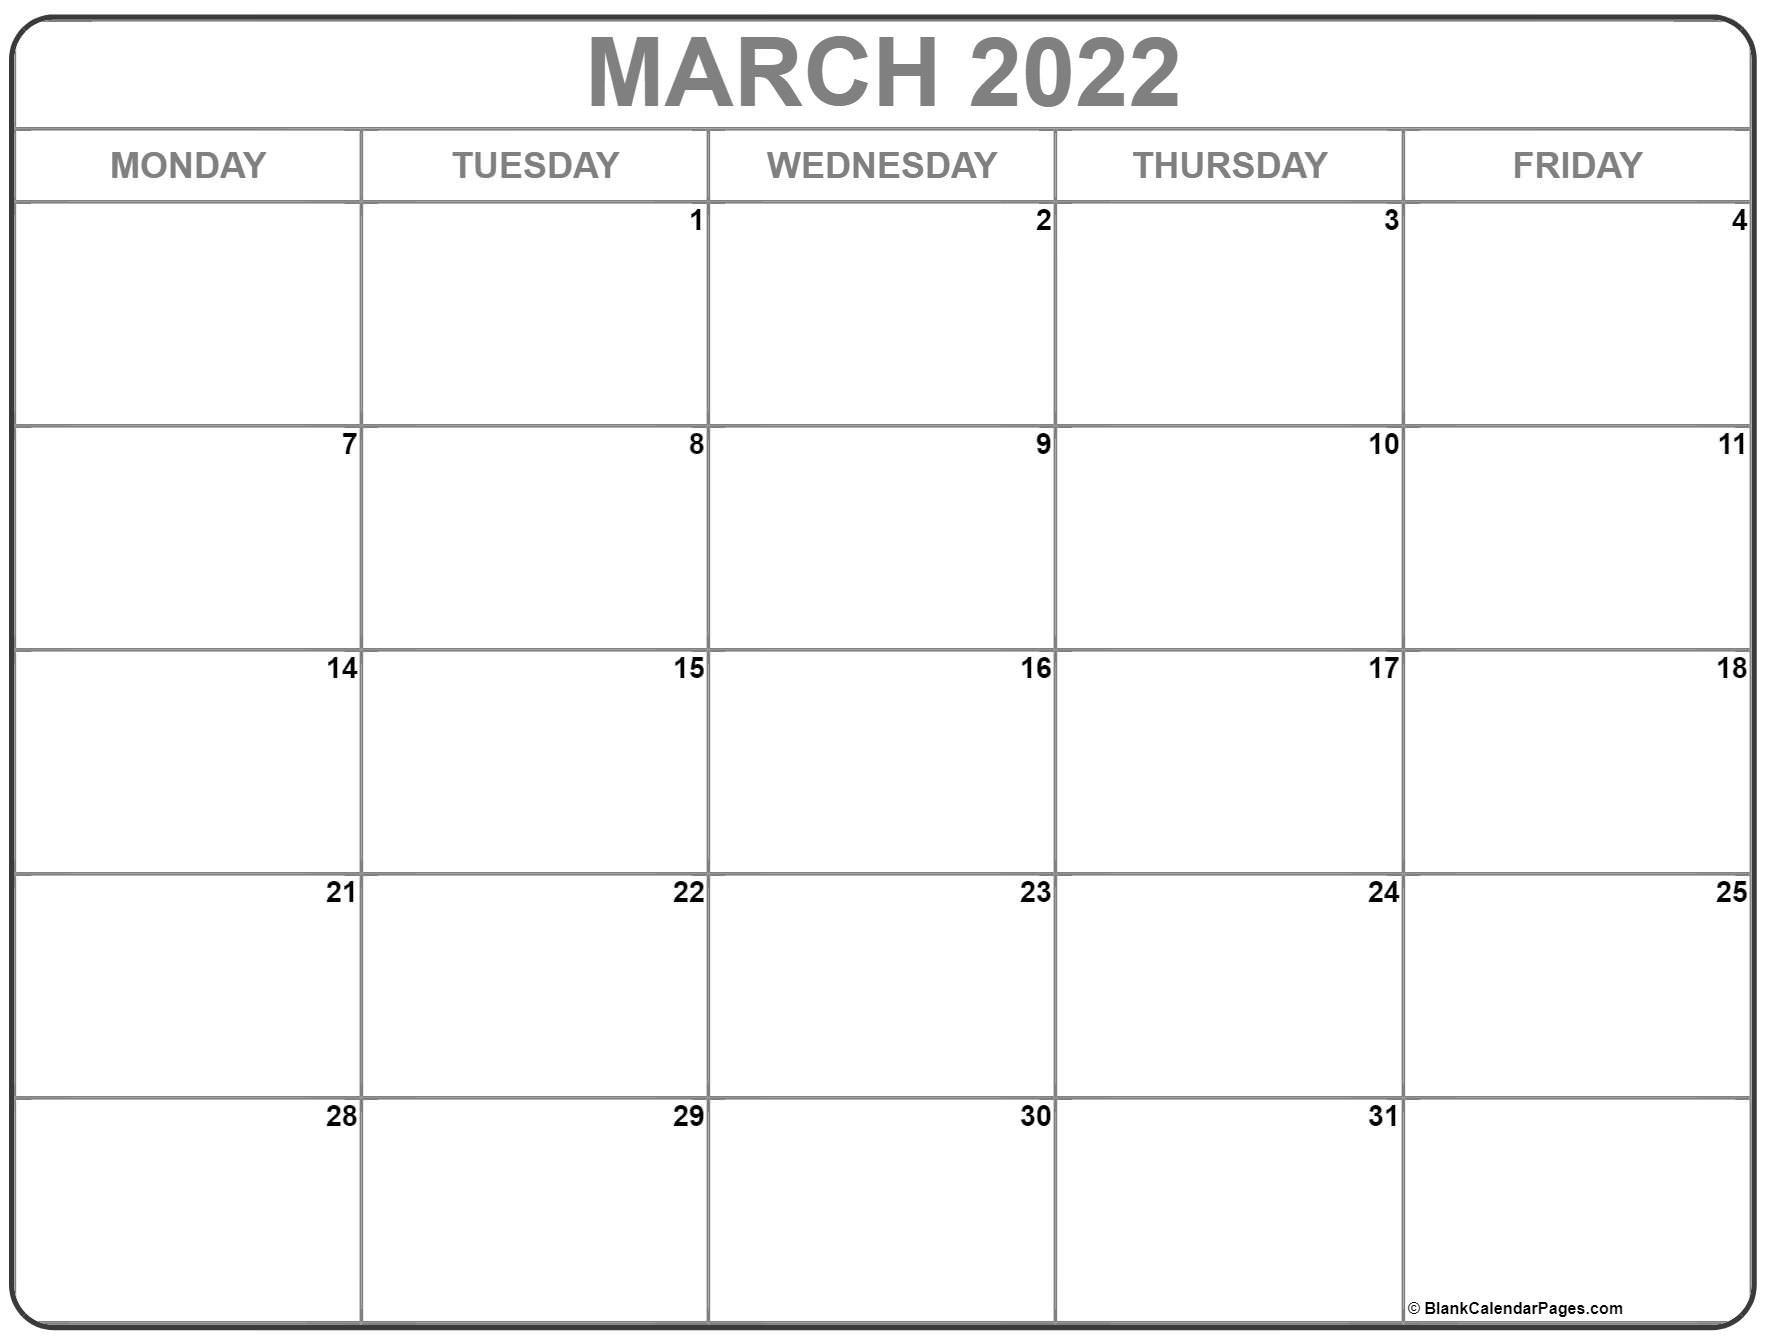 March 2022 Monday Calendar | Monday To Sunday Monday To Friday Calendar Printable